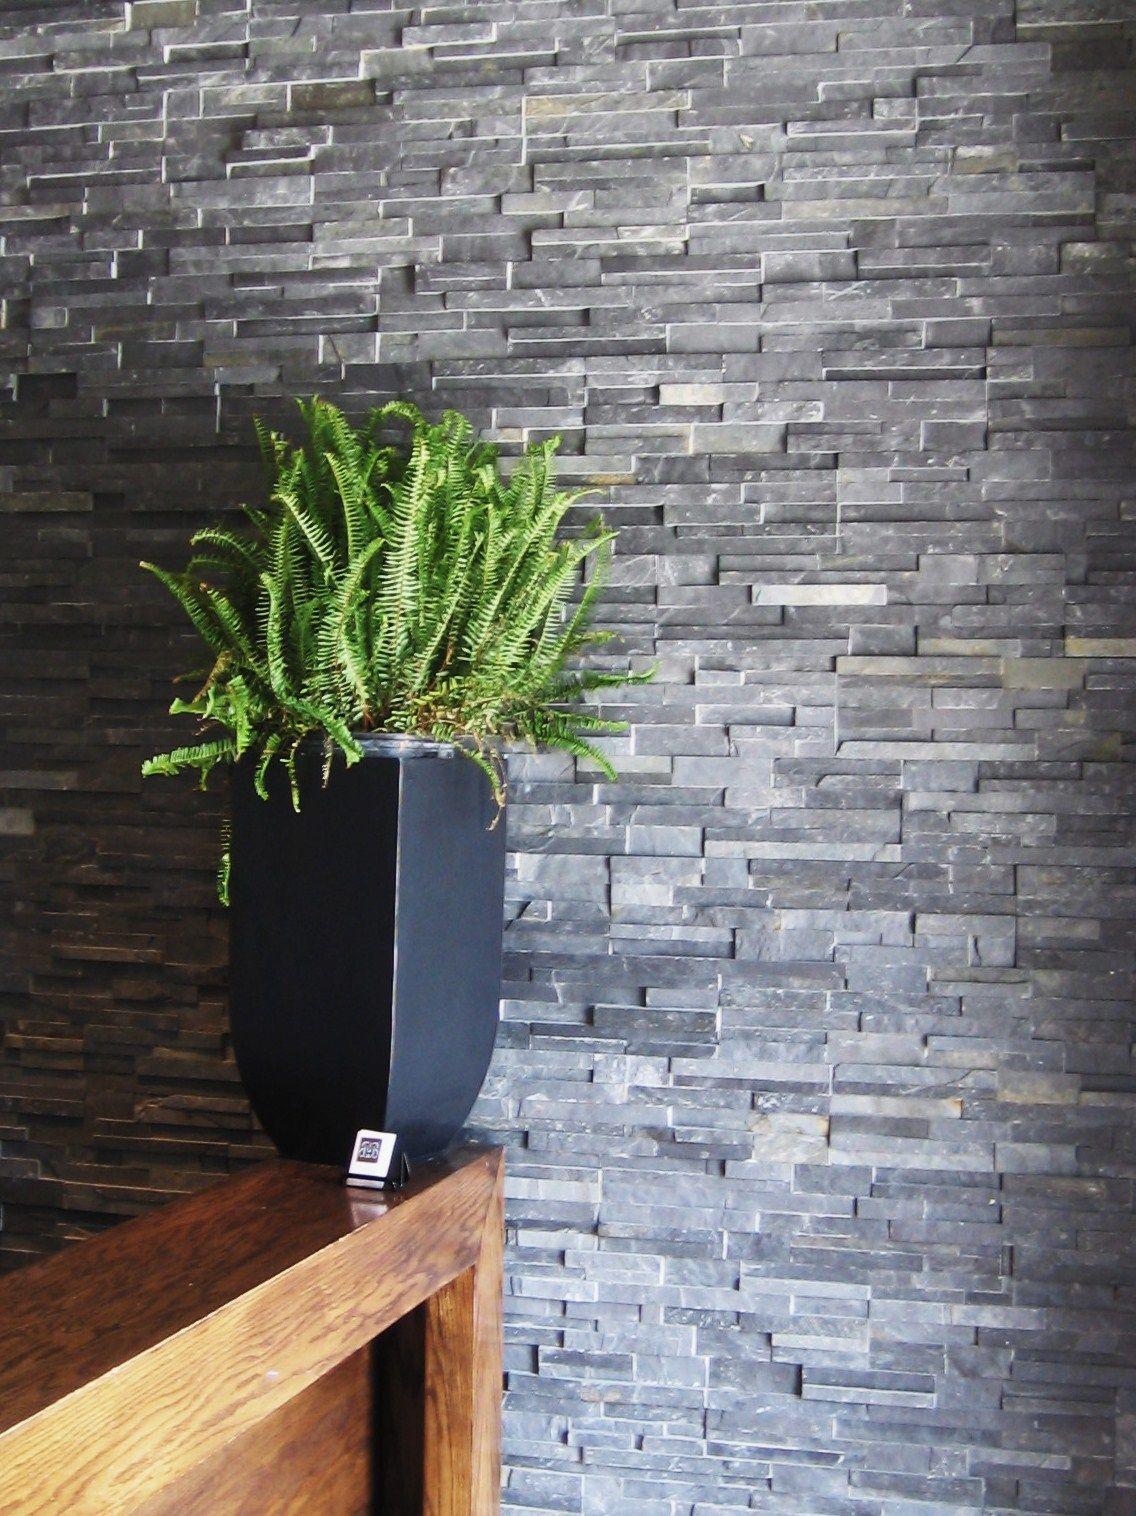 Natural Stone Veneers ǀ Faux Stone Siding ǀ Stone Veneer: Springwood Black Slate By ErthCOVERINGS